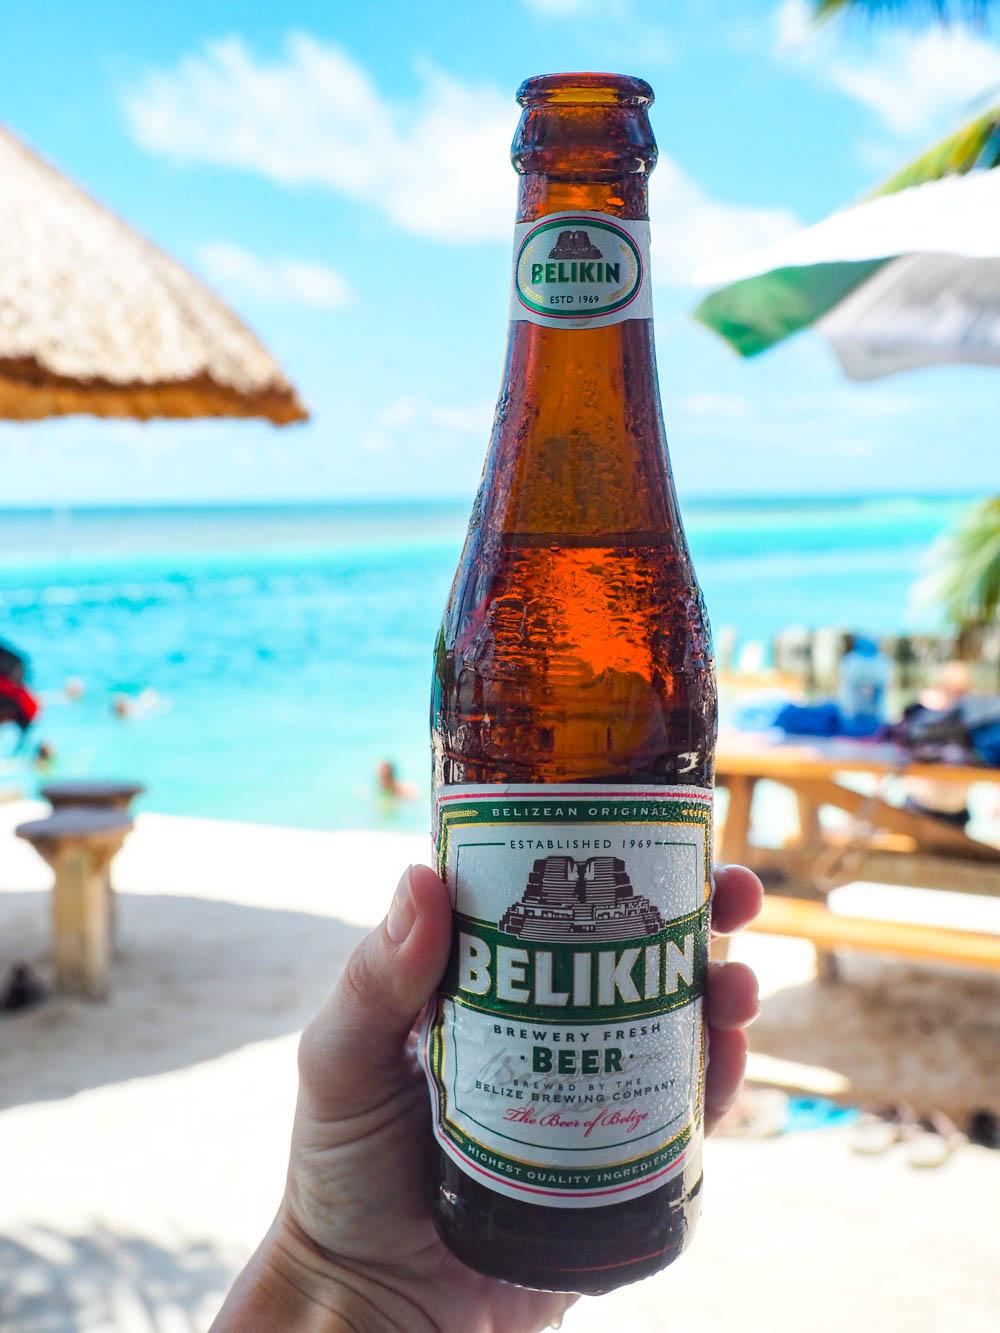 bottle of belikin beer in front of the ocean